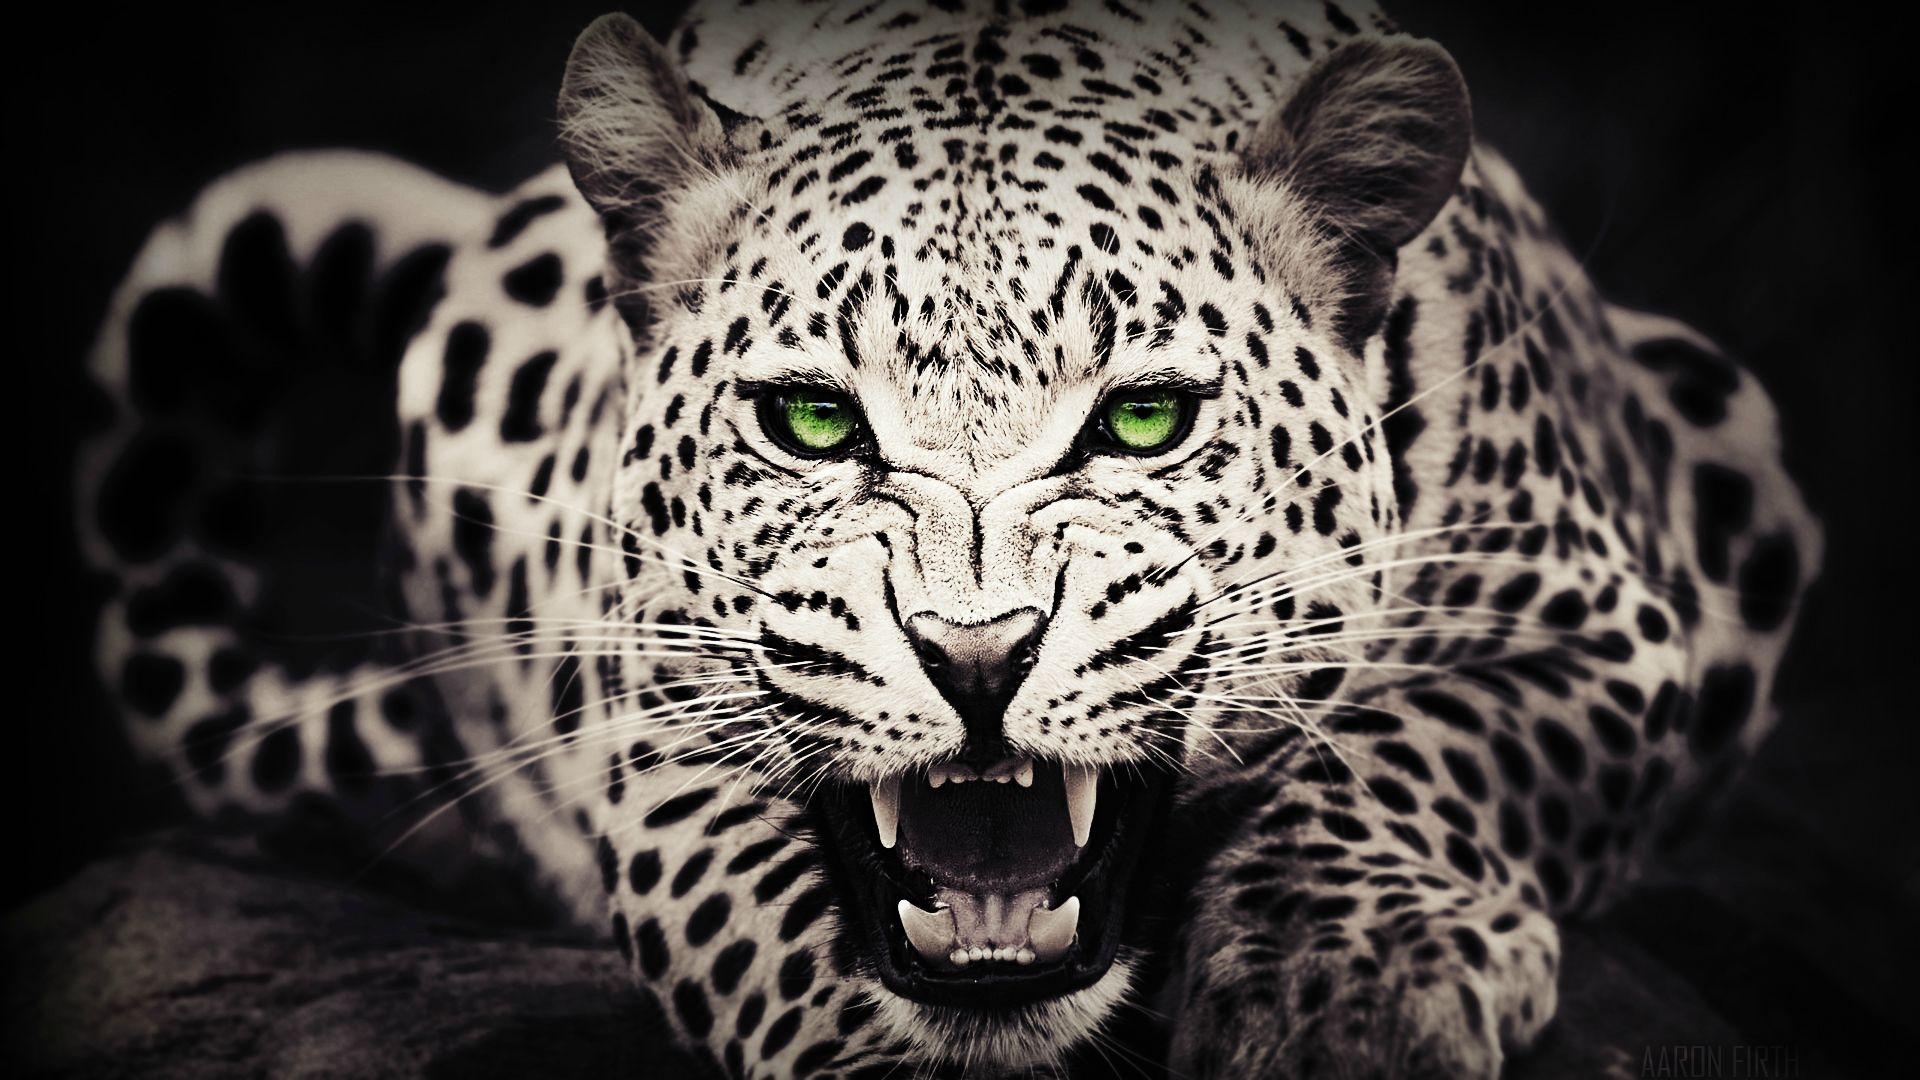 3d Wallpaper Widescreen High Resolution Game Leopard Wallpapers Hd Pixelstalk Net